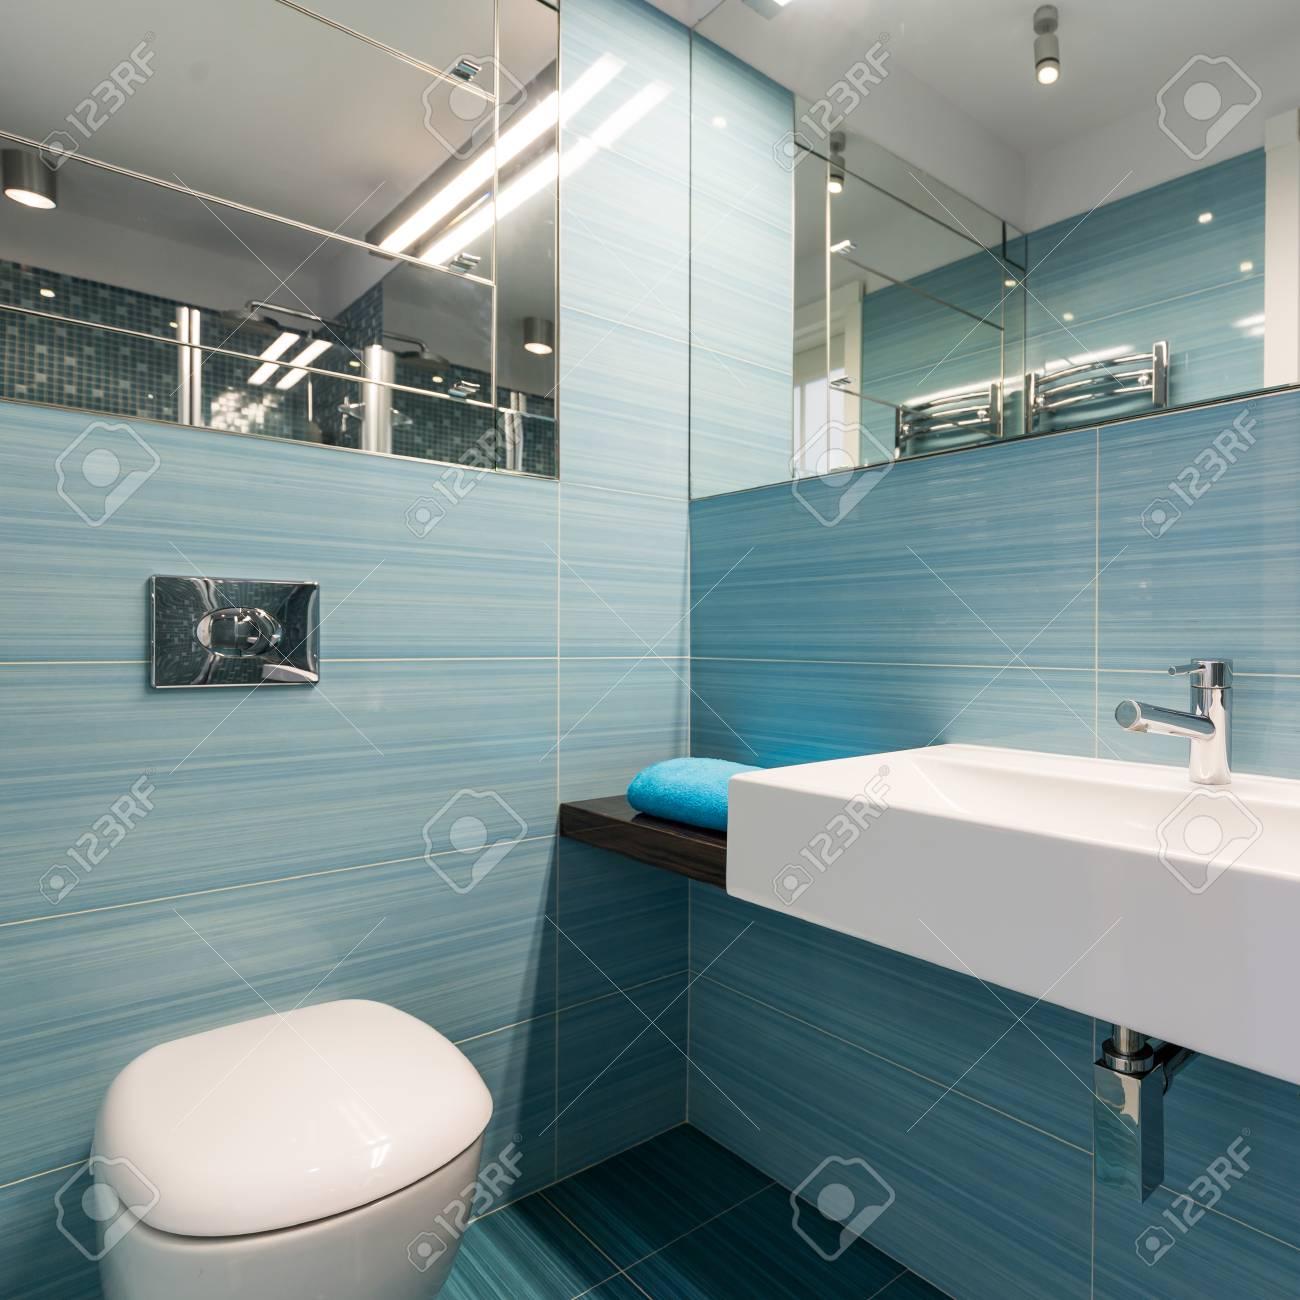 Geräumiges Badezimmer Mit Großen Waschbecken Und Toilette, Blauen ...